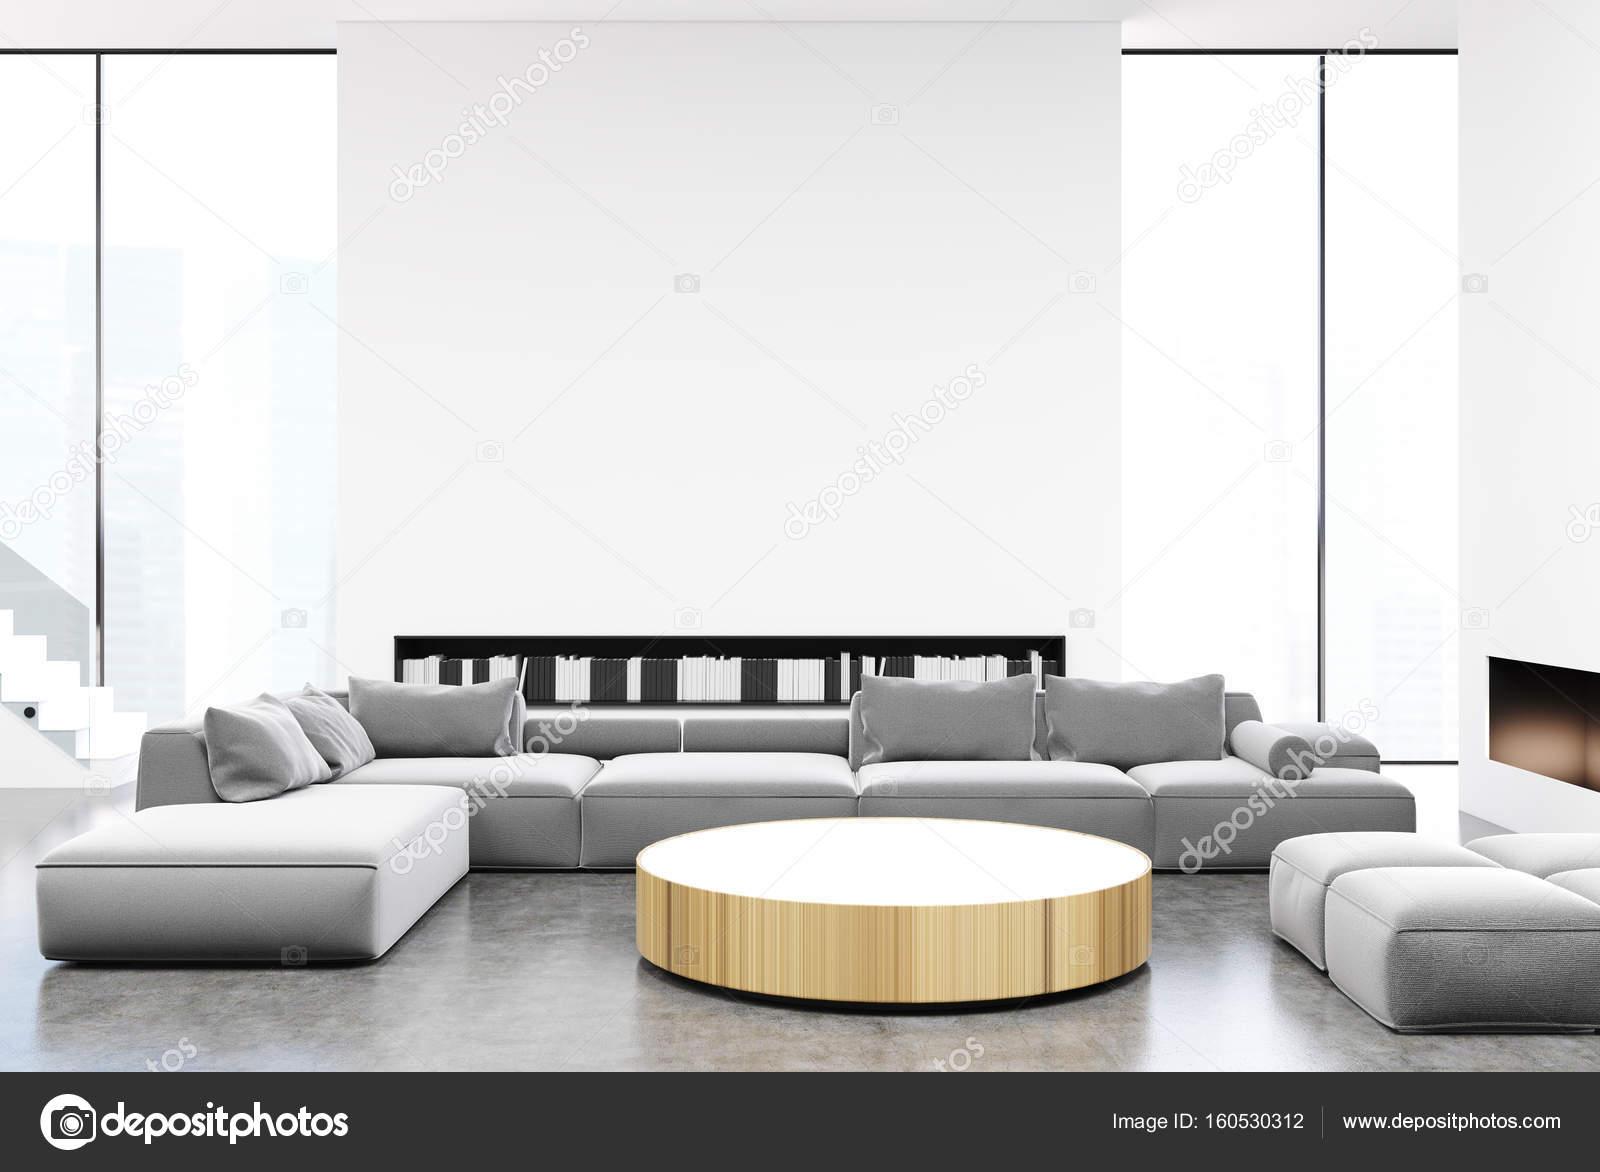 Weiße Und Graue Wohnzimmer Interieur Mit Einem Runden Tisch, Leichte Graue  Sofas Und Sesseln In Der Nähe Von Es, Hohen Fenstern Und Buch Regale.